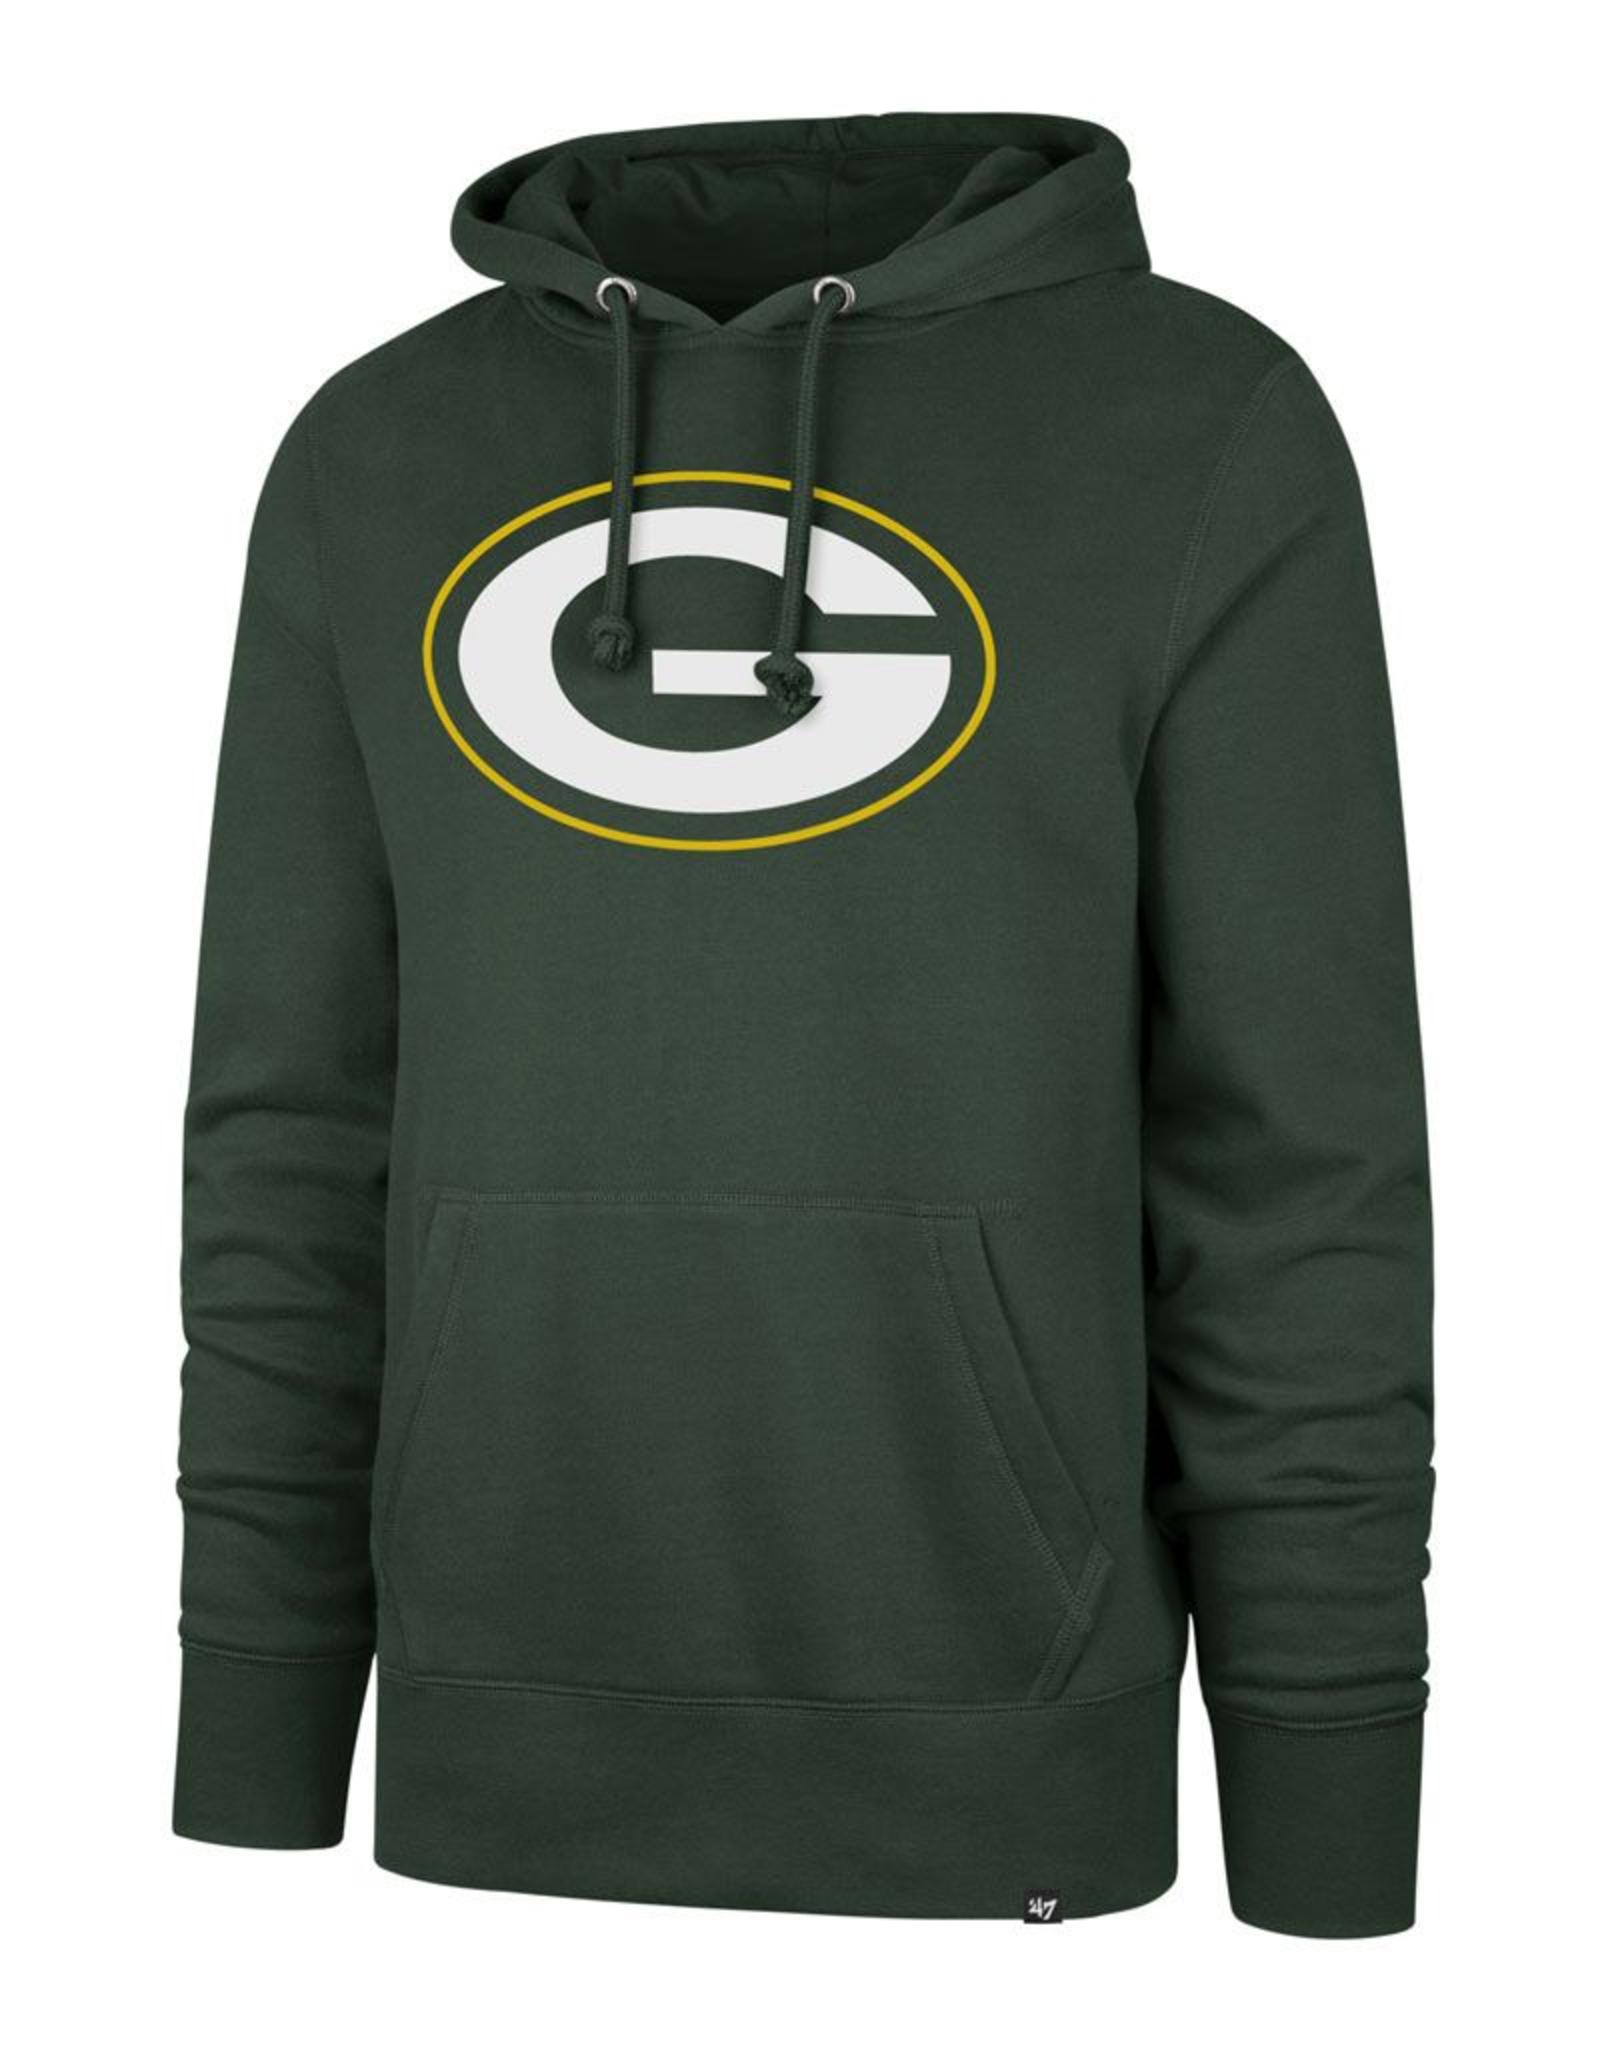 '47 Adult Imprint Headline Hoodie Green Bay Packers Green